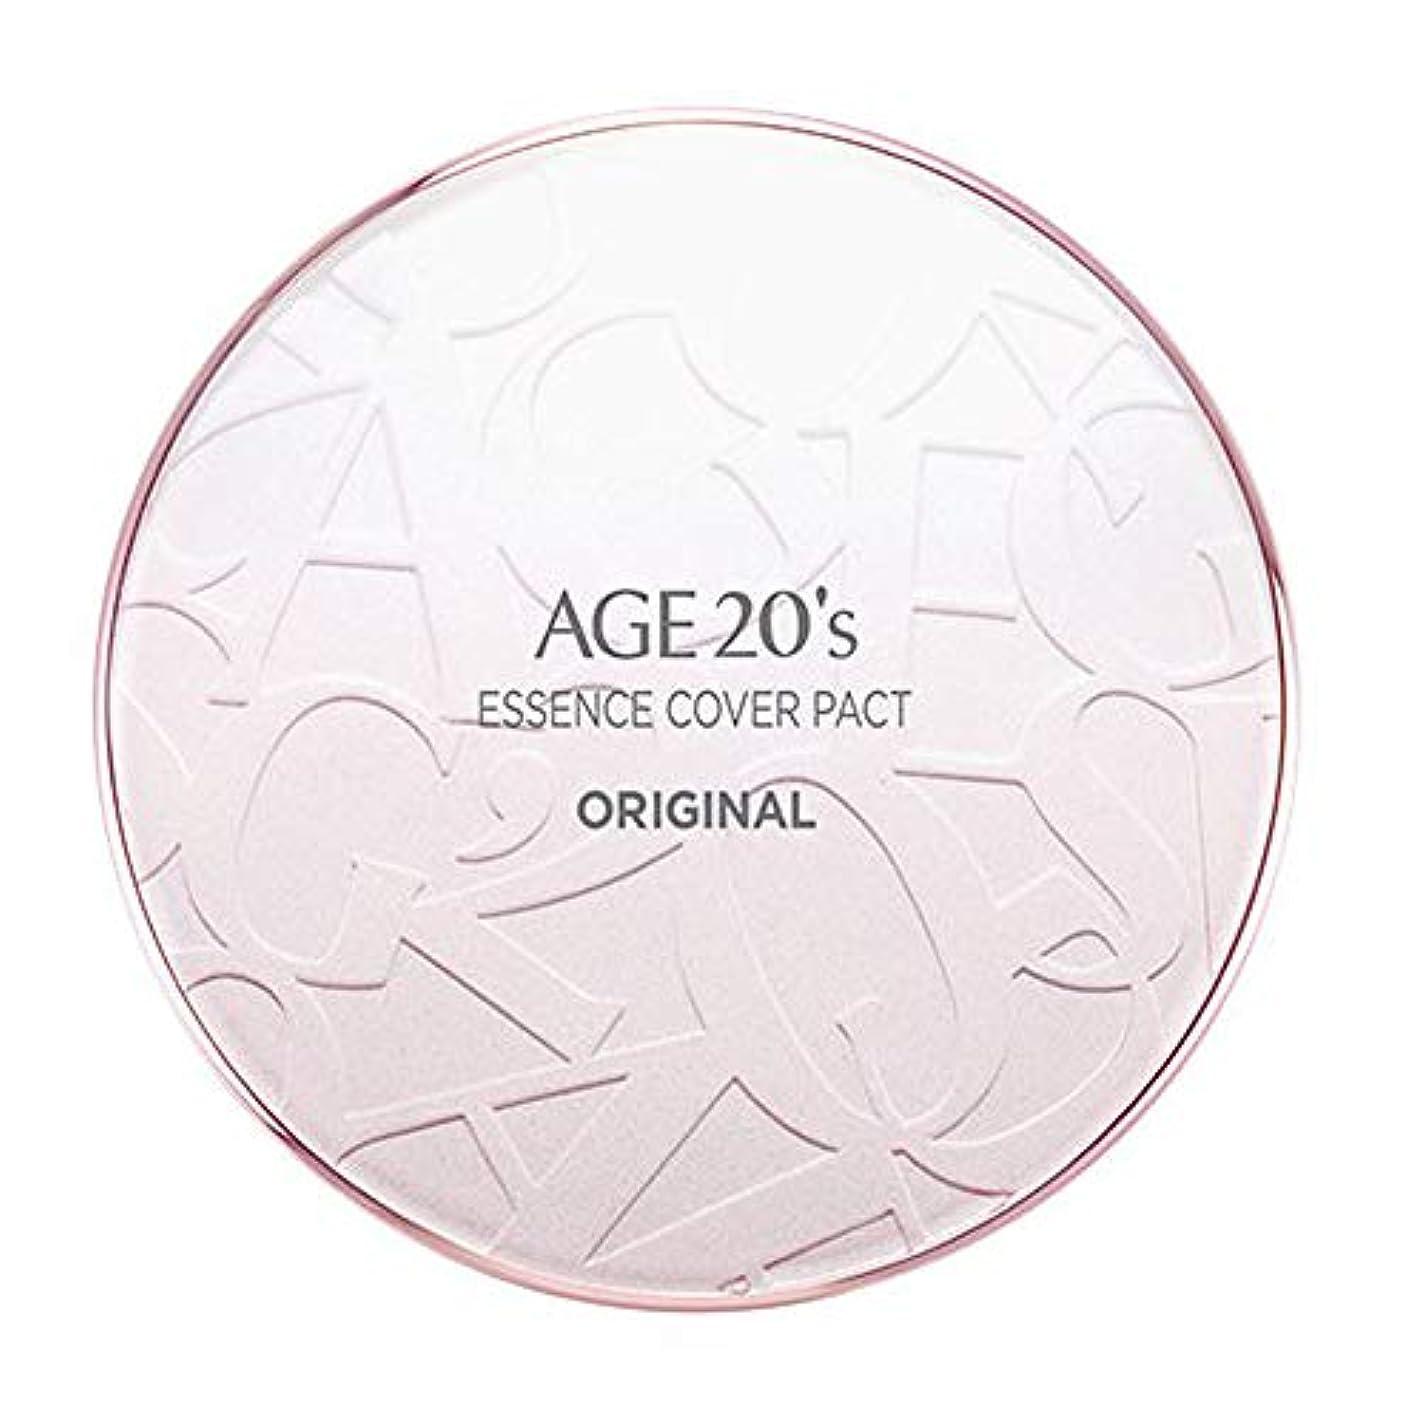 ボーカルを通して腫瘍AGE 20's(エイジ20's) エッセンスカバーパクトオリジナル(ケース1個+リフィル2個付)ケースカラーピンク (13号)